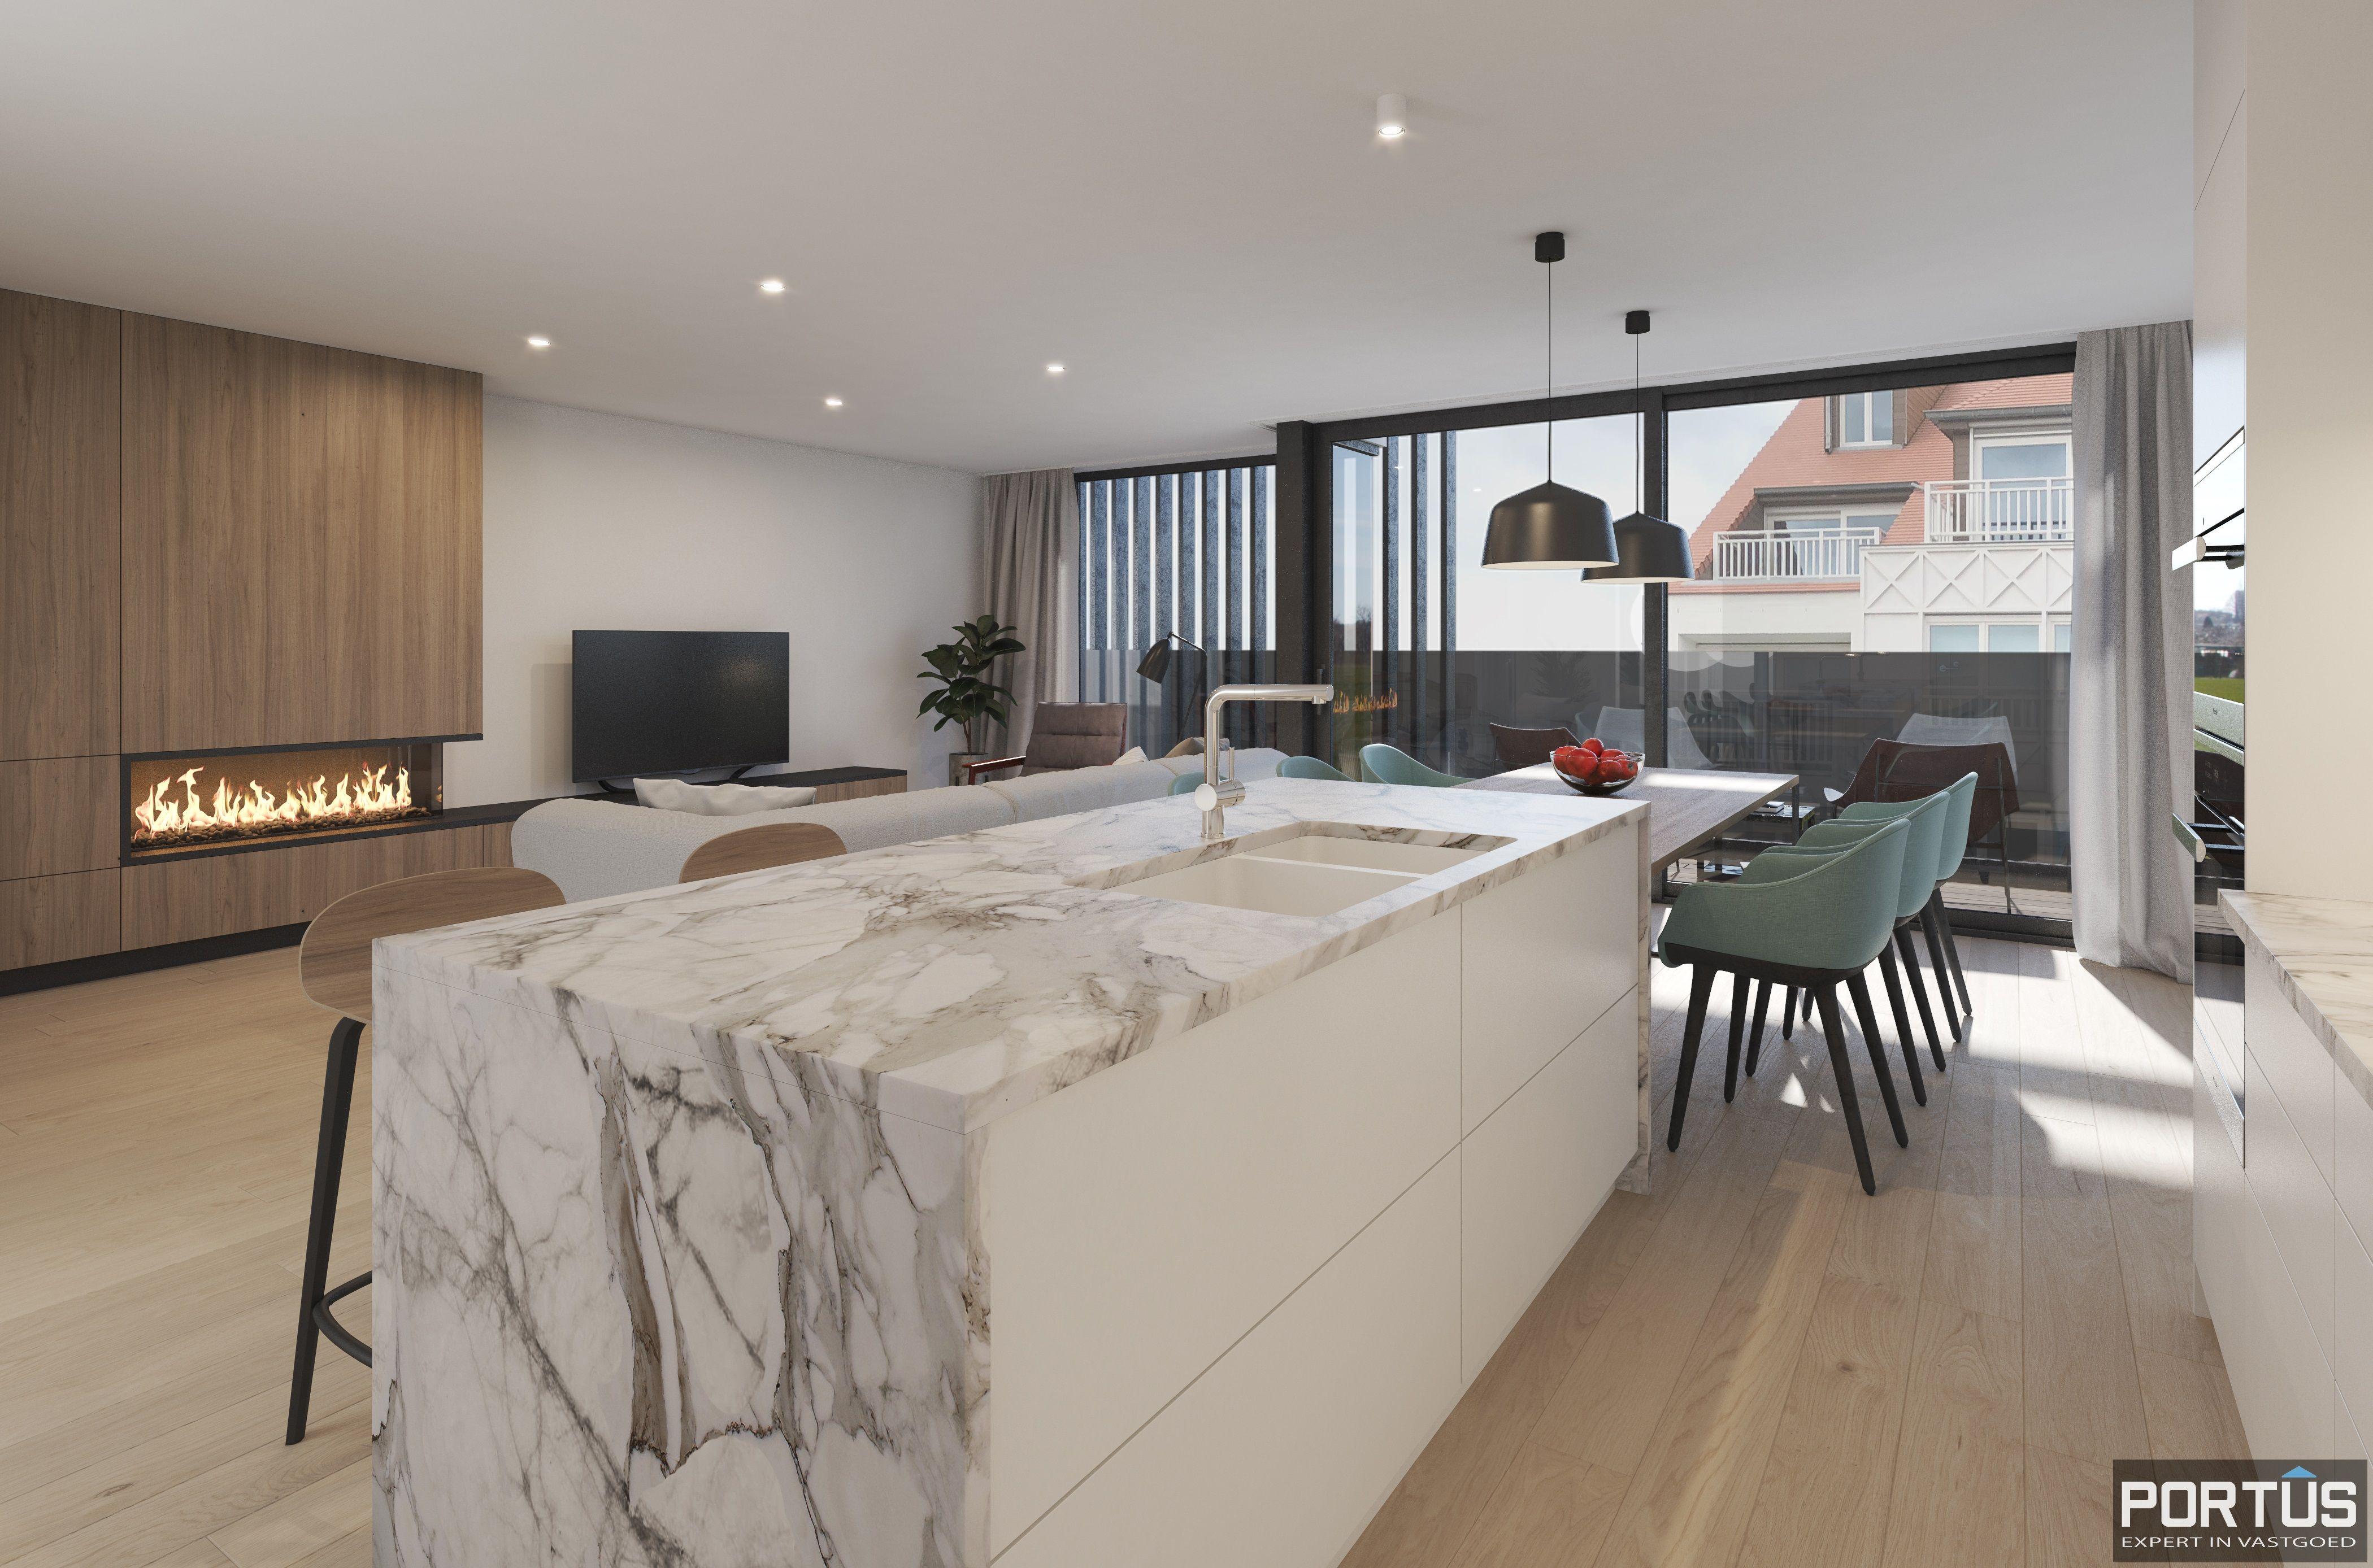 Duplex-appartement met 2 slaapkamers - 9032